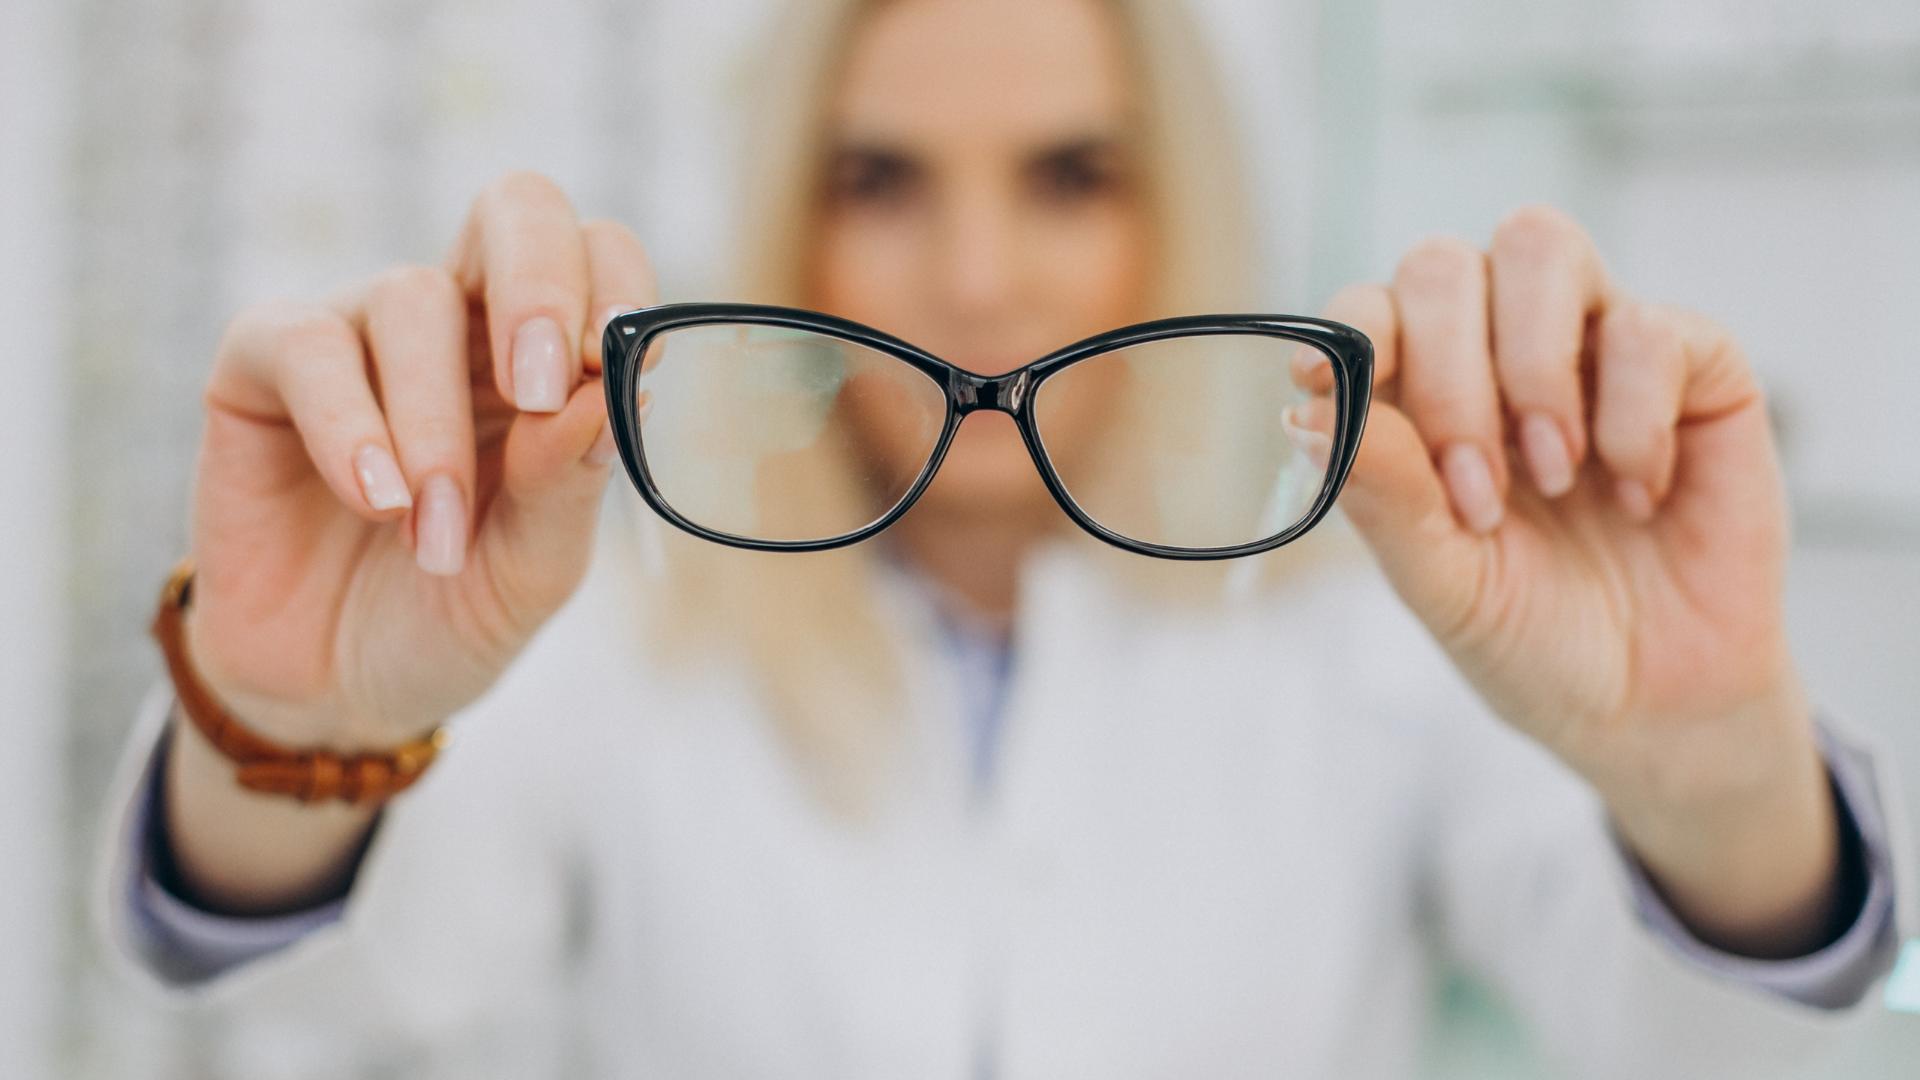 Vicii de refractie - Miopia